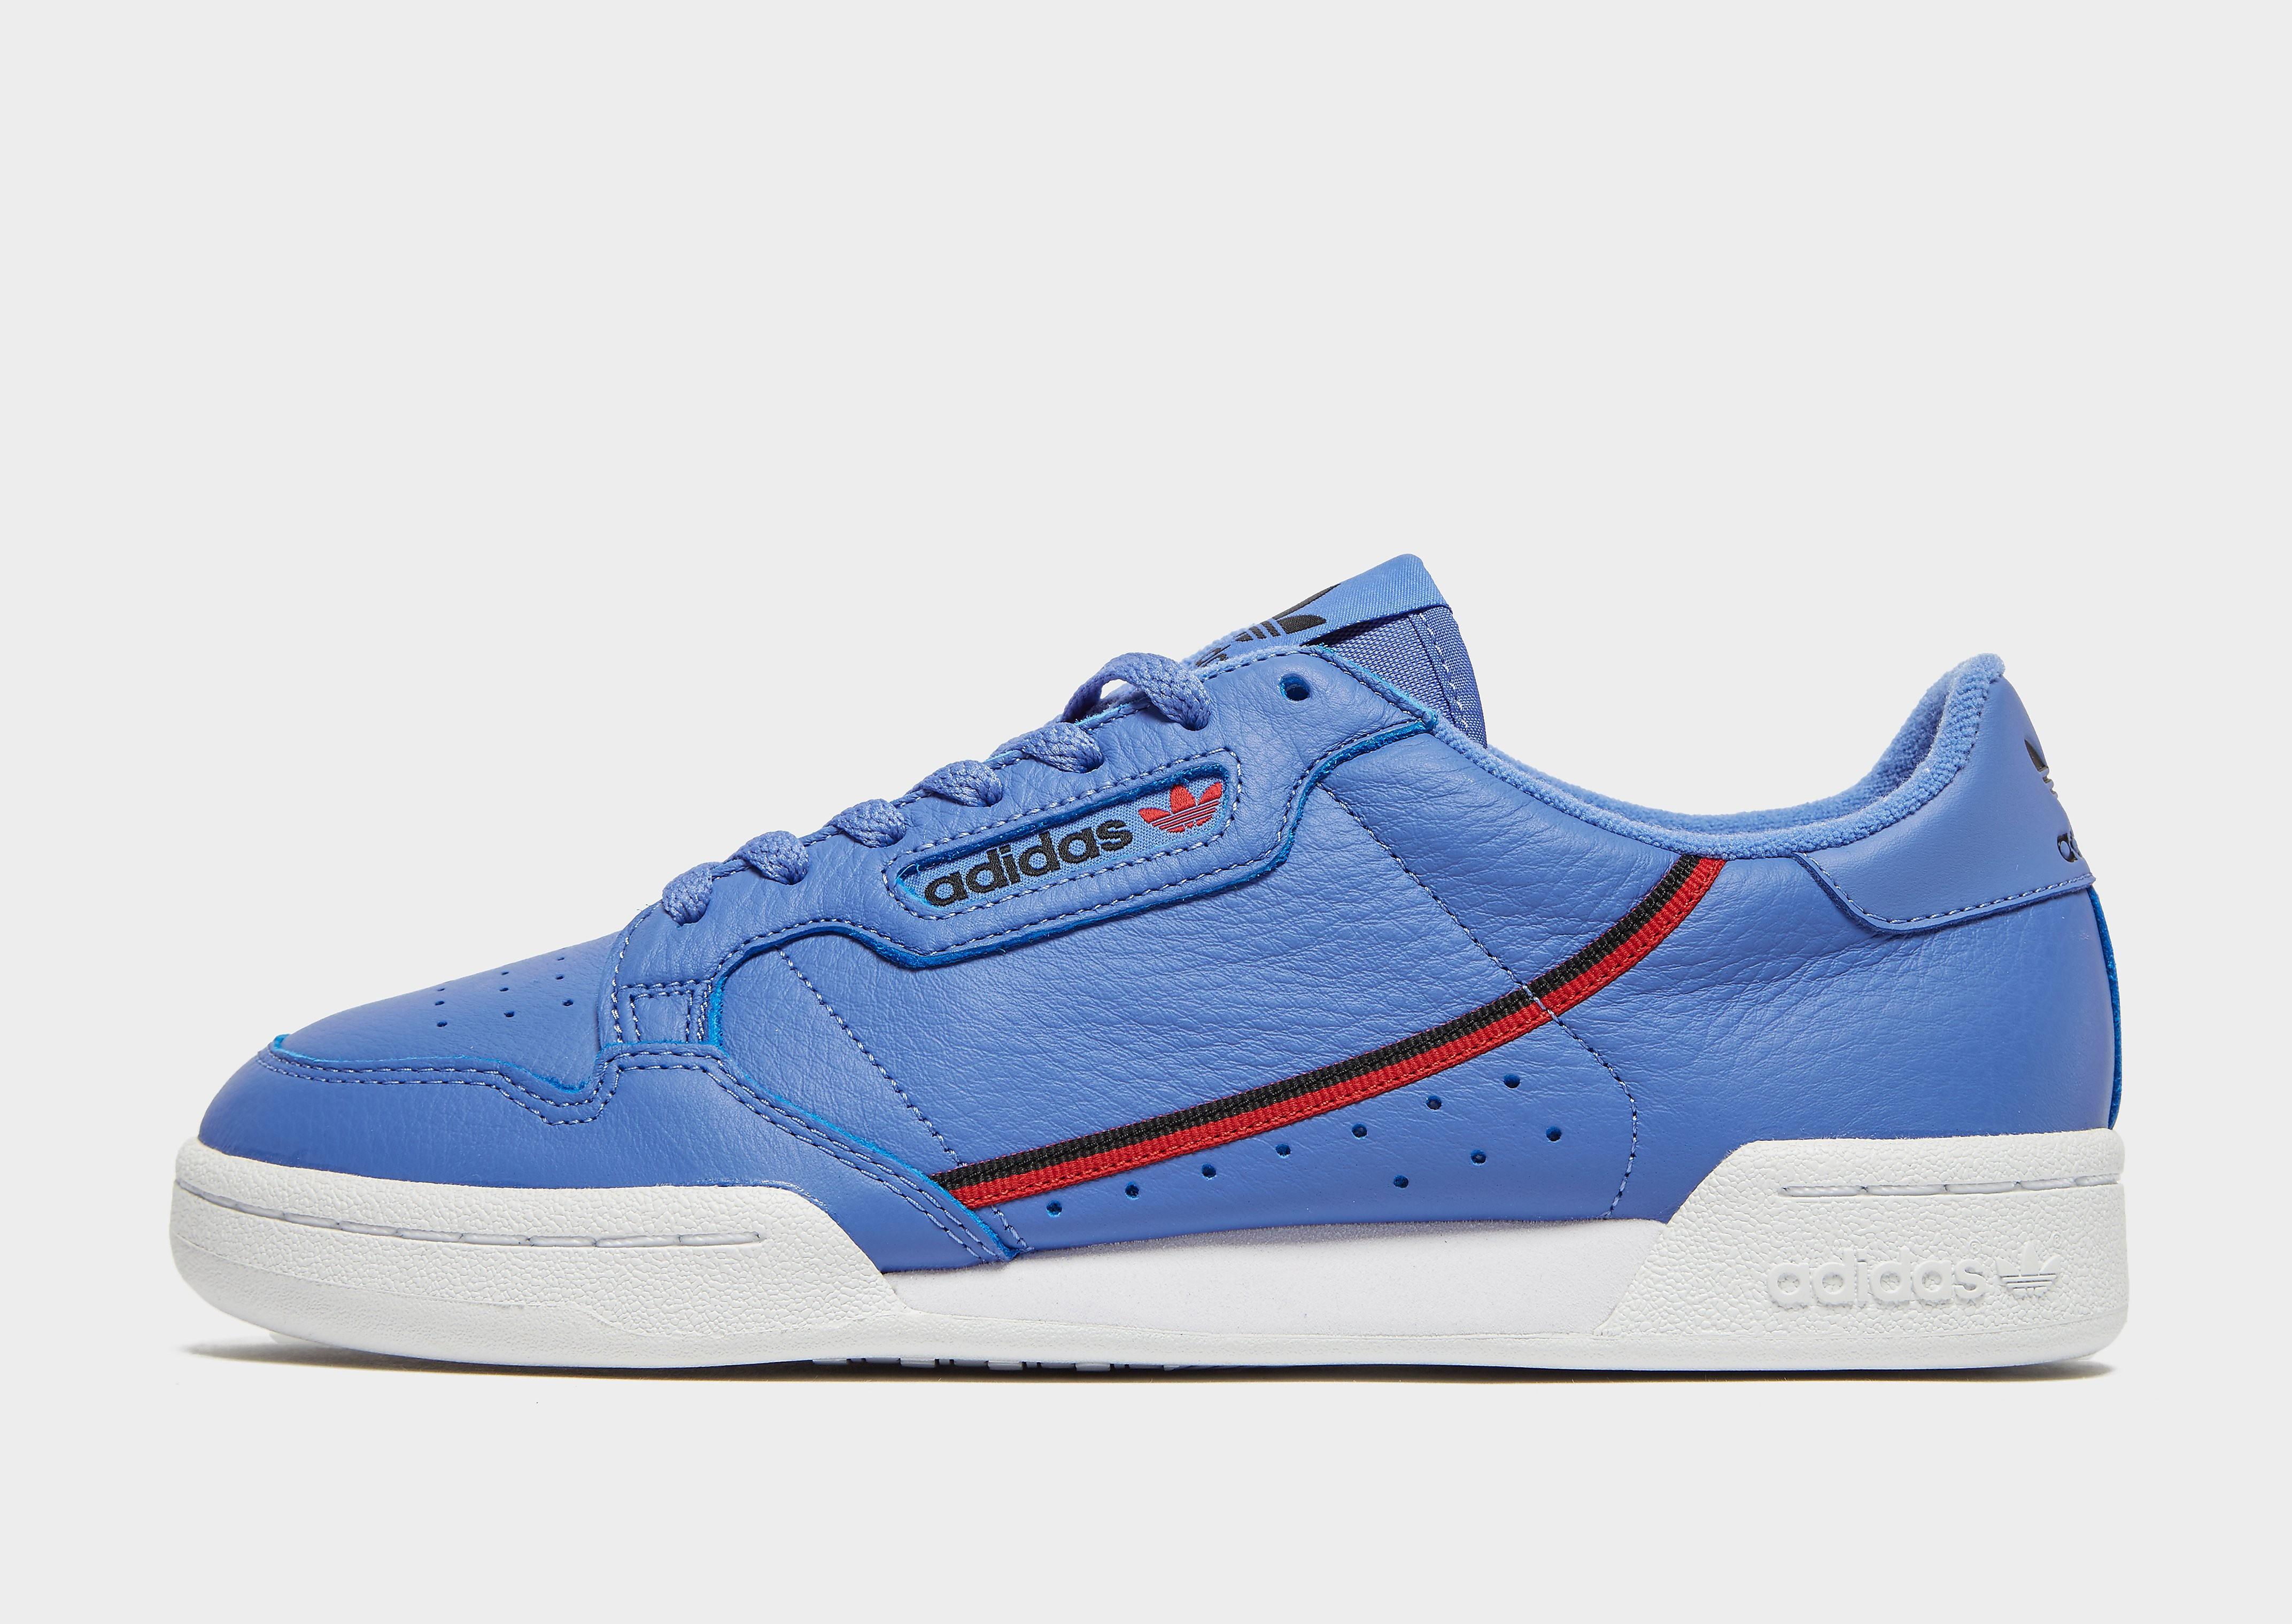 Adidas Continental 80 herensneaker paars en blauw